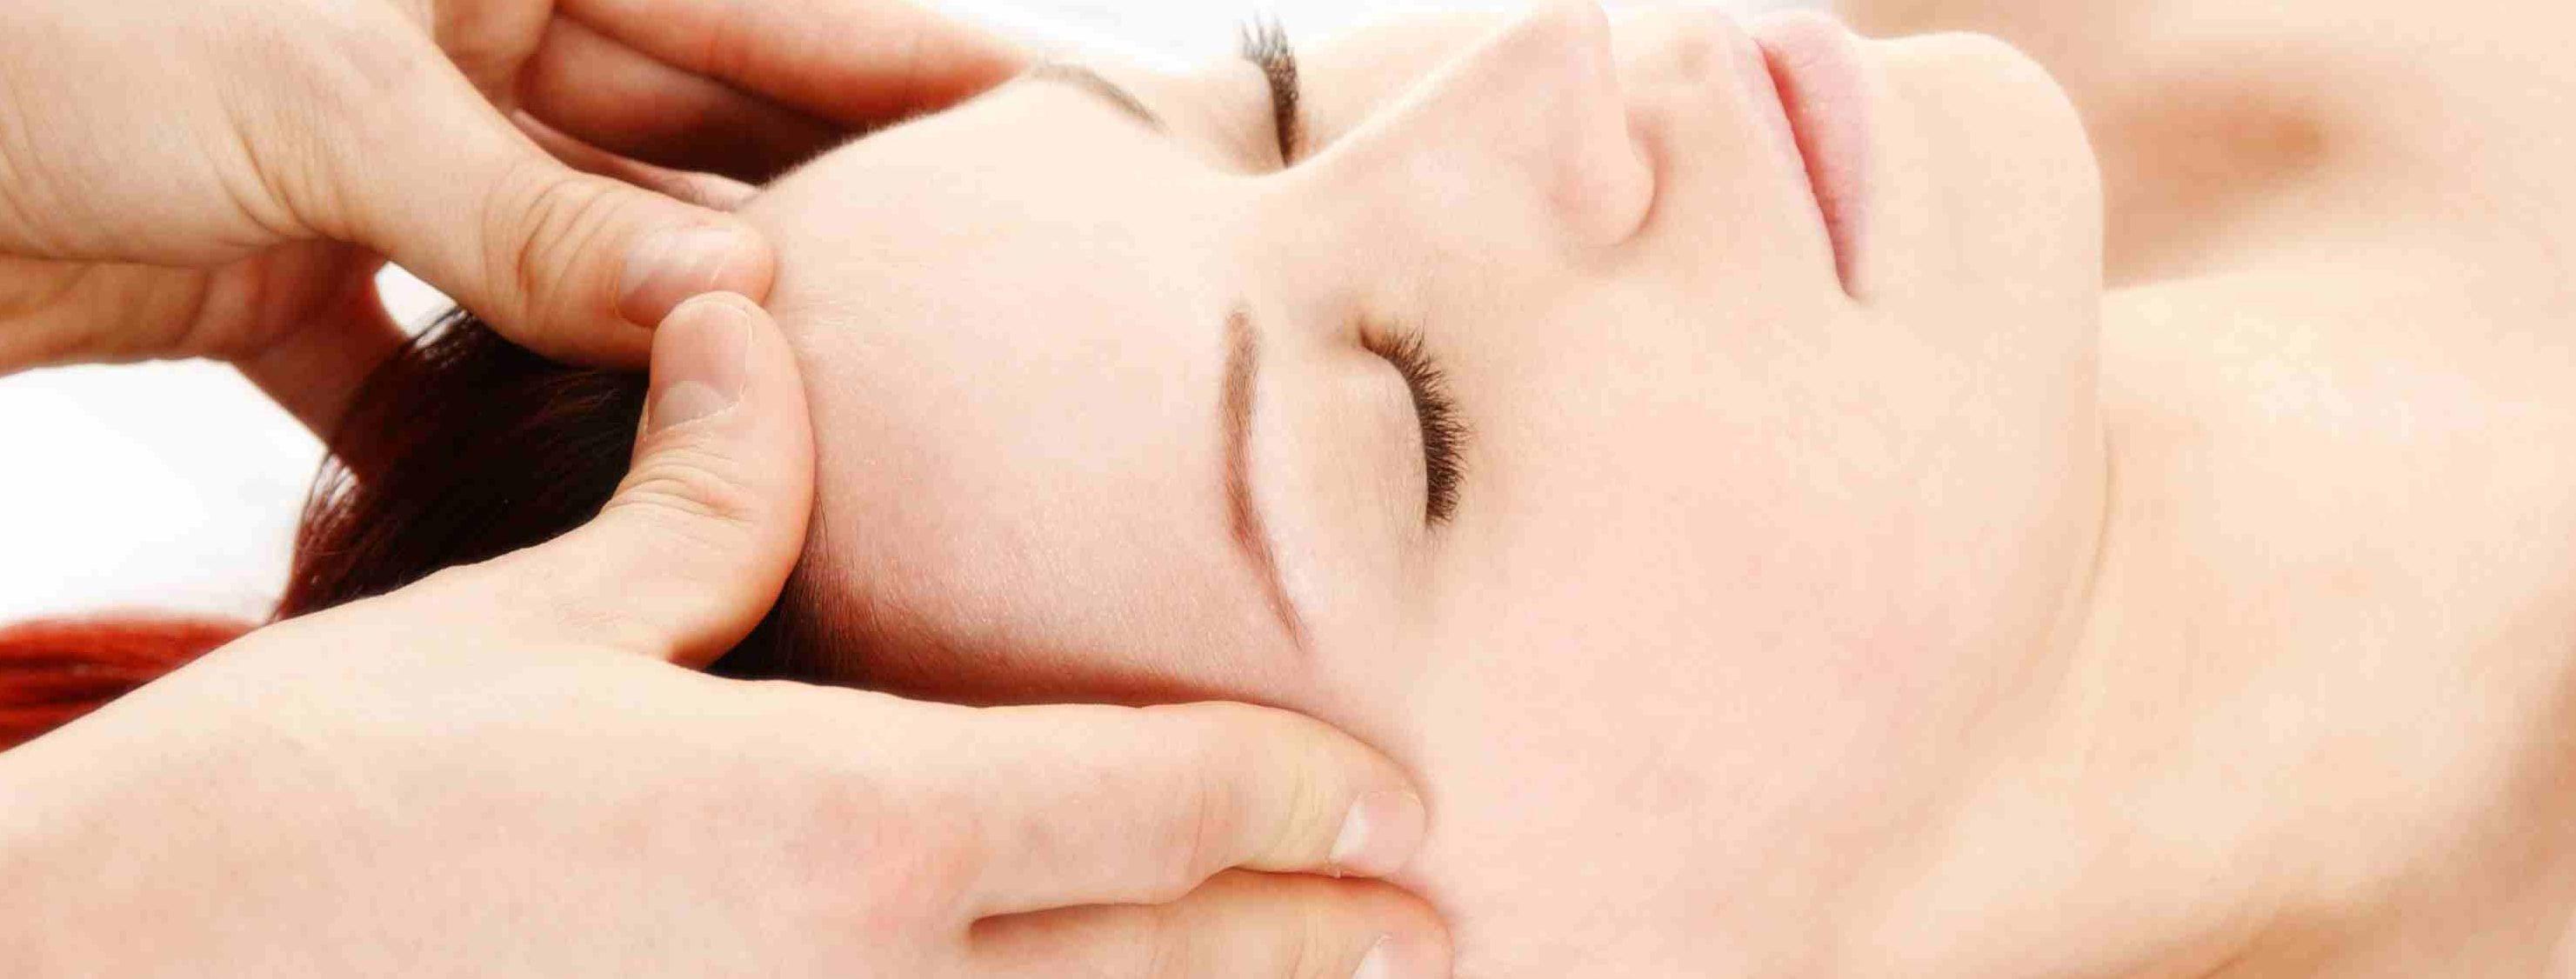 Что такое краниосакральная терапия